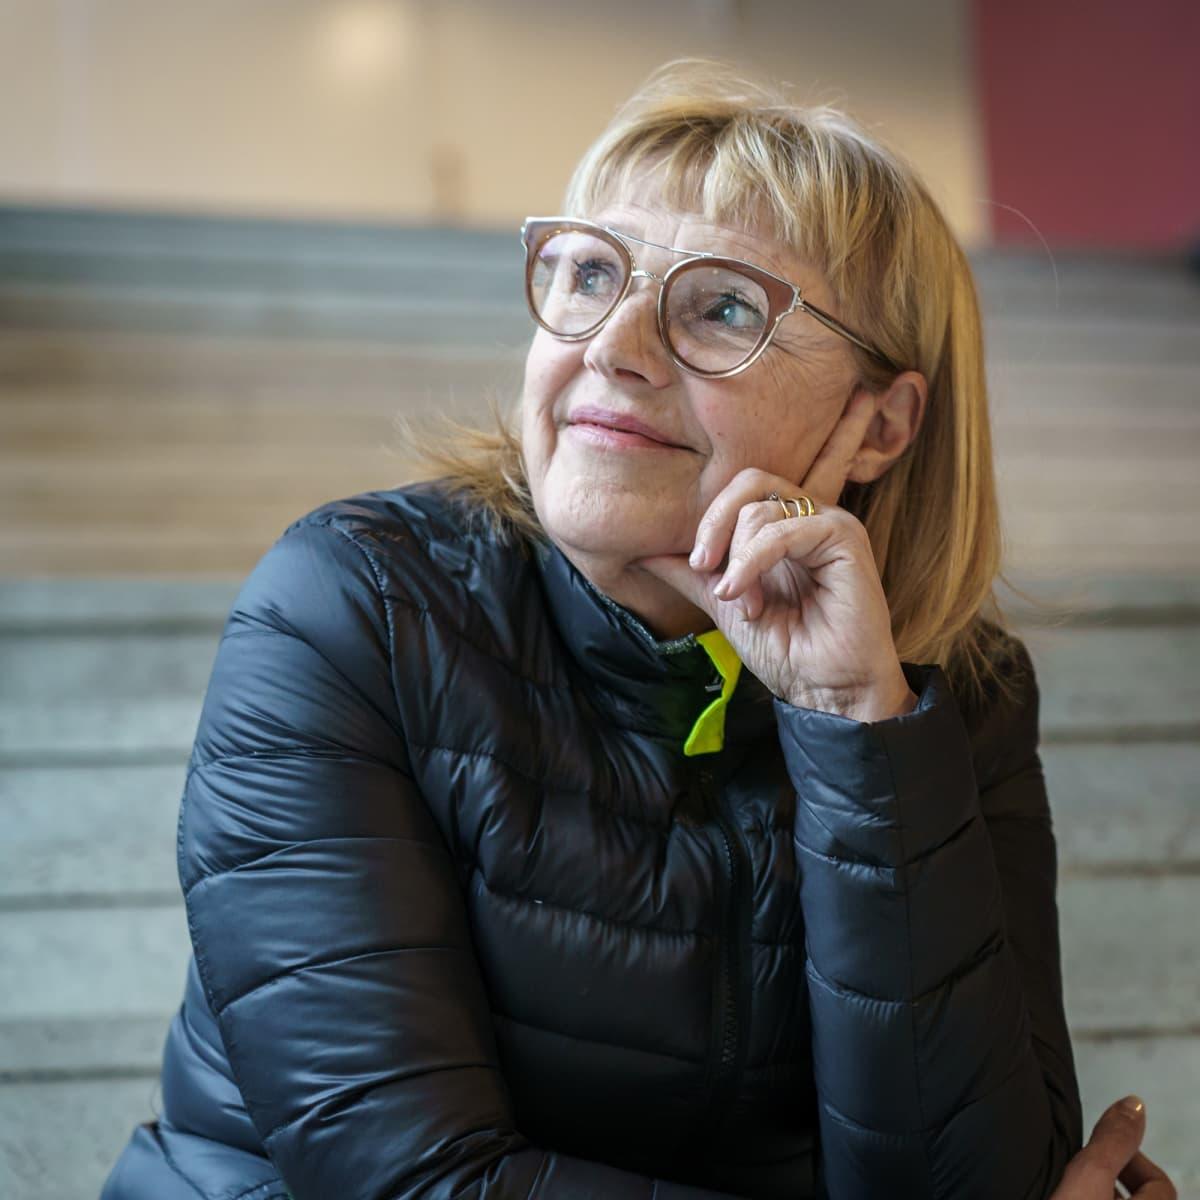 Geriatrian erikoislääkäri, tutkimusprofessori Harriet Finne-Soveri istuu portailla henkilökuvassa.